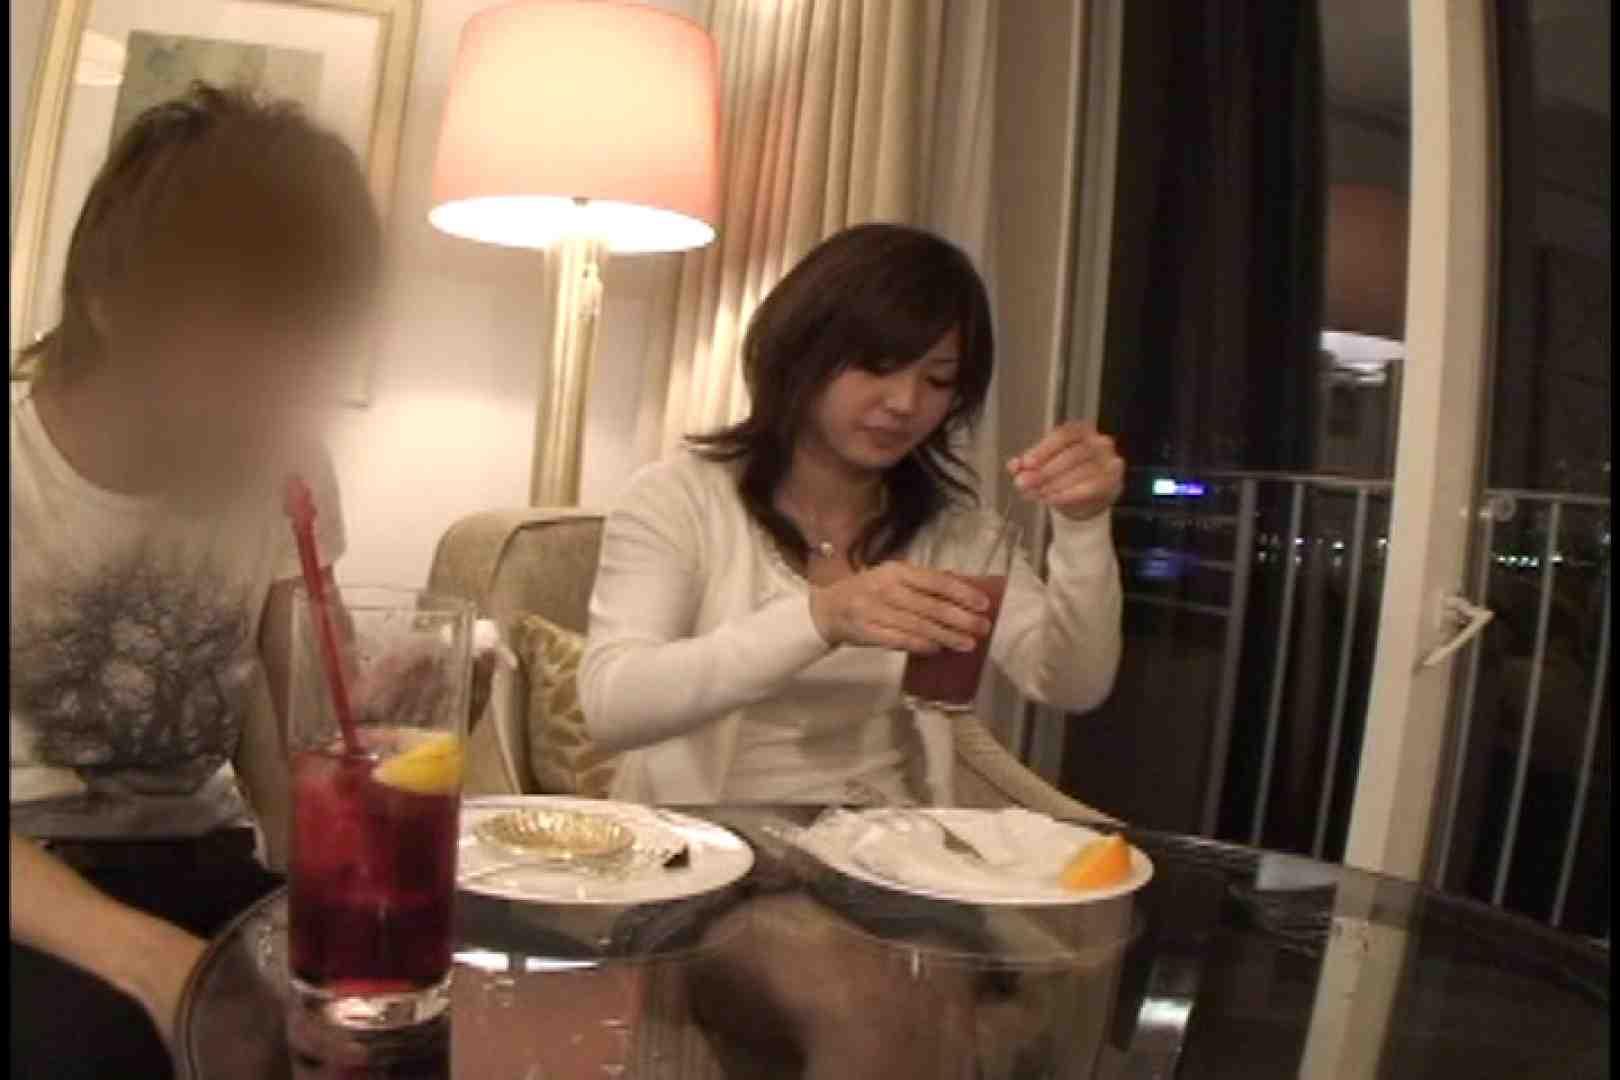 JDハンター全国ツアー vol.035 後編 女子大生のエロ生活  47連発 22